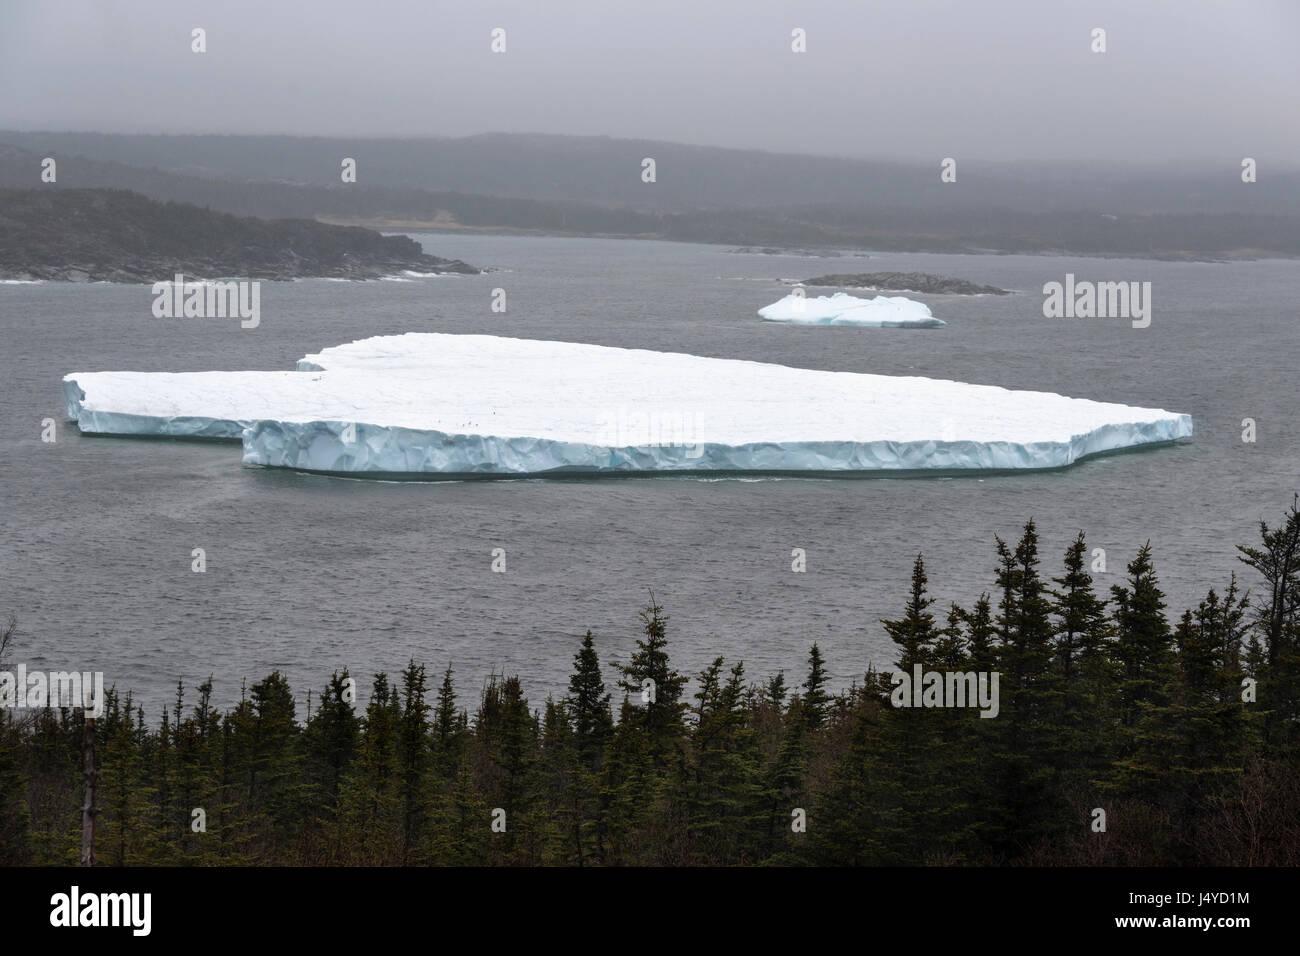 Large berg grounded in Saint Anthony Bight, St. Anthony, Newfoundland - Stock Image